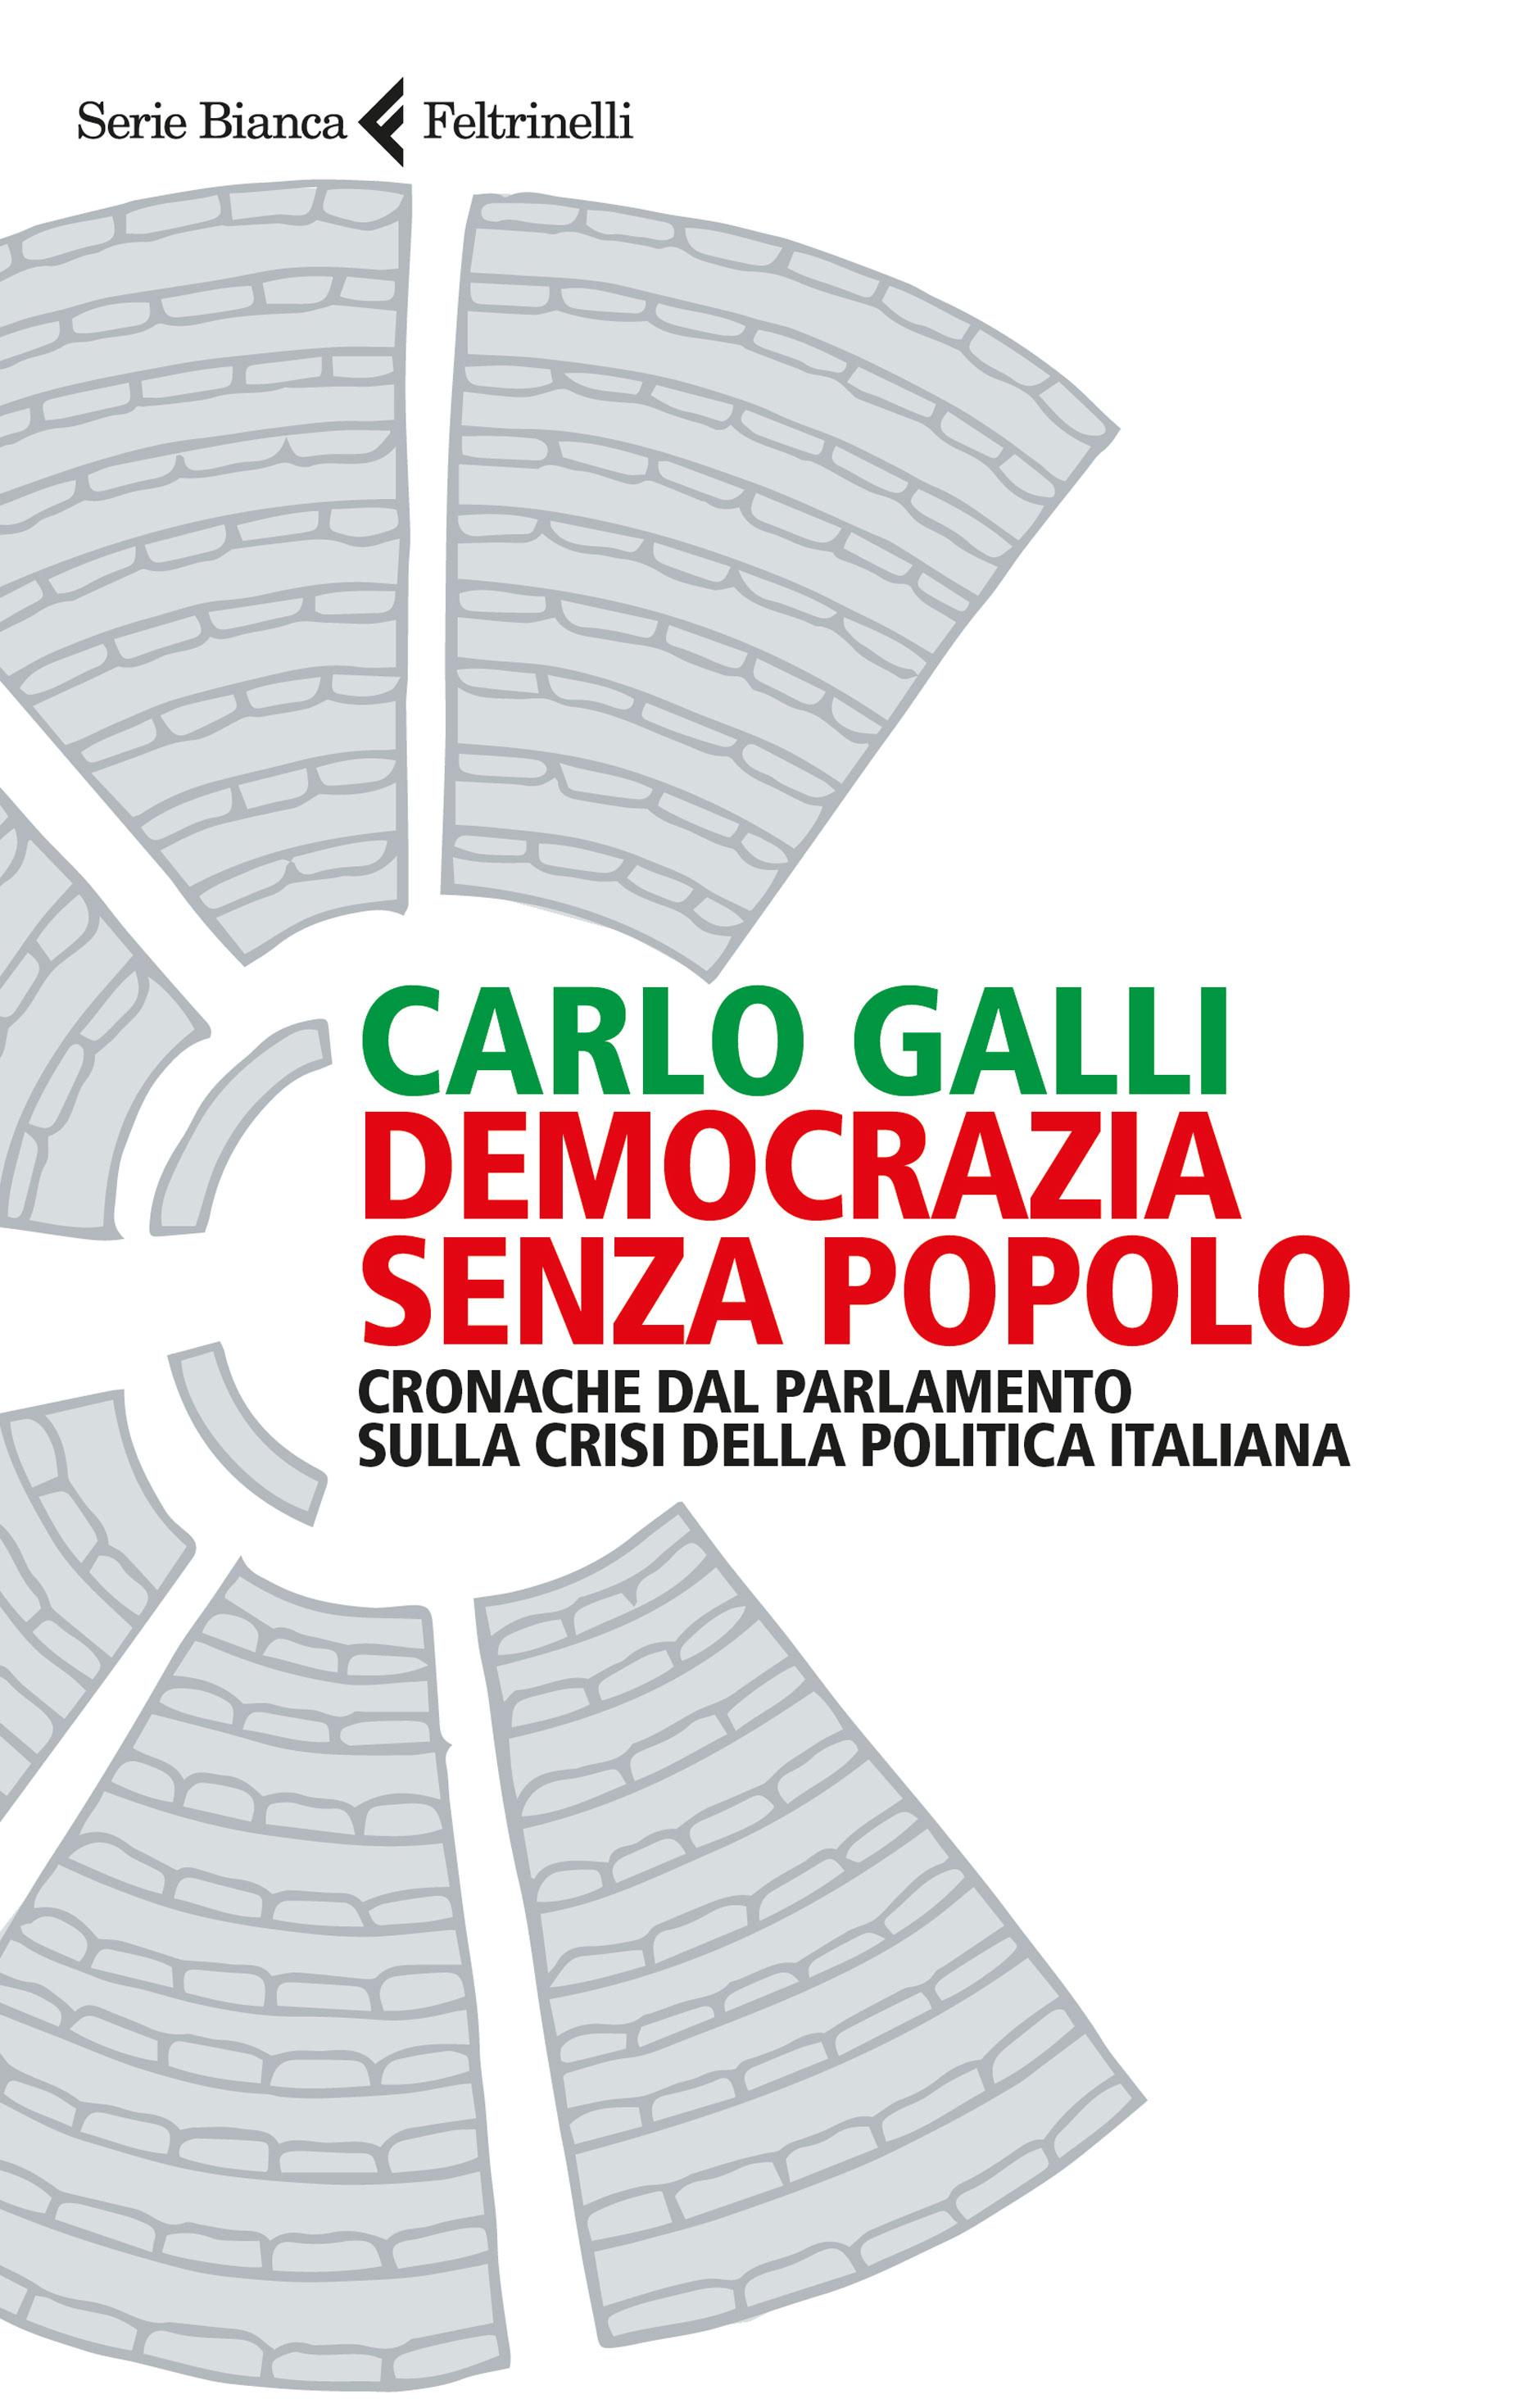 Risultati immagini per Galli: Democrazia senza popolo